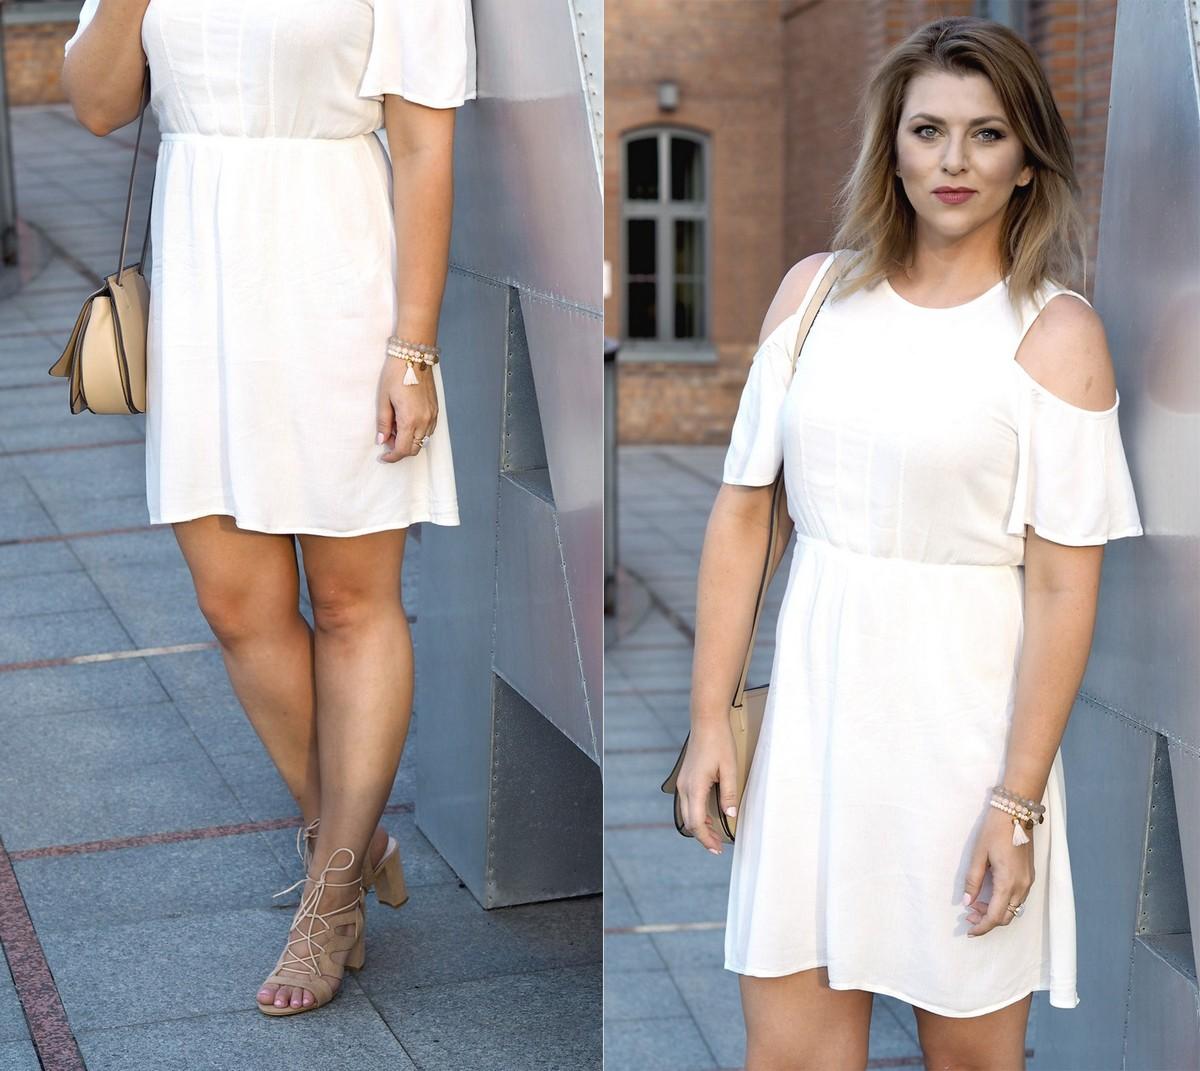 stylizacja-biala-sukienka2-horz